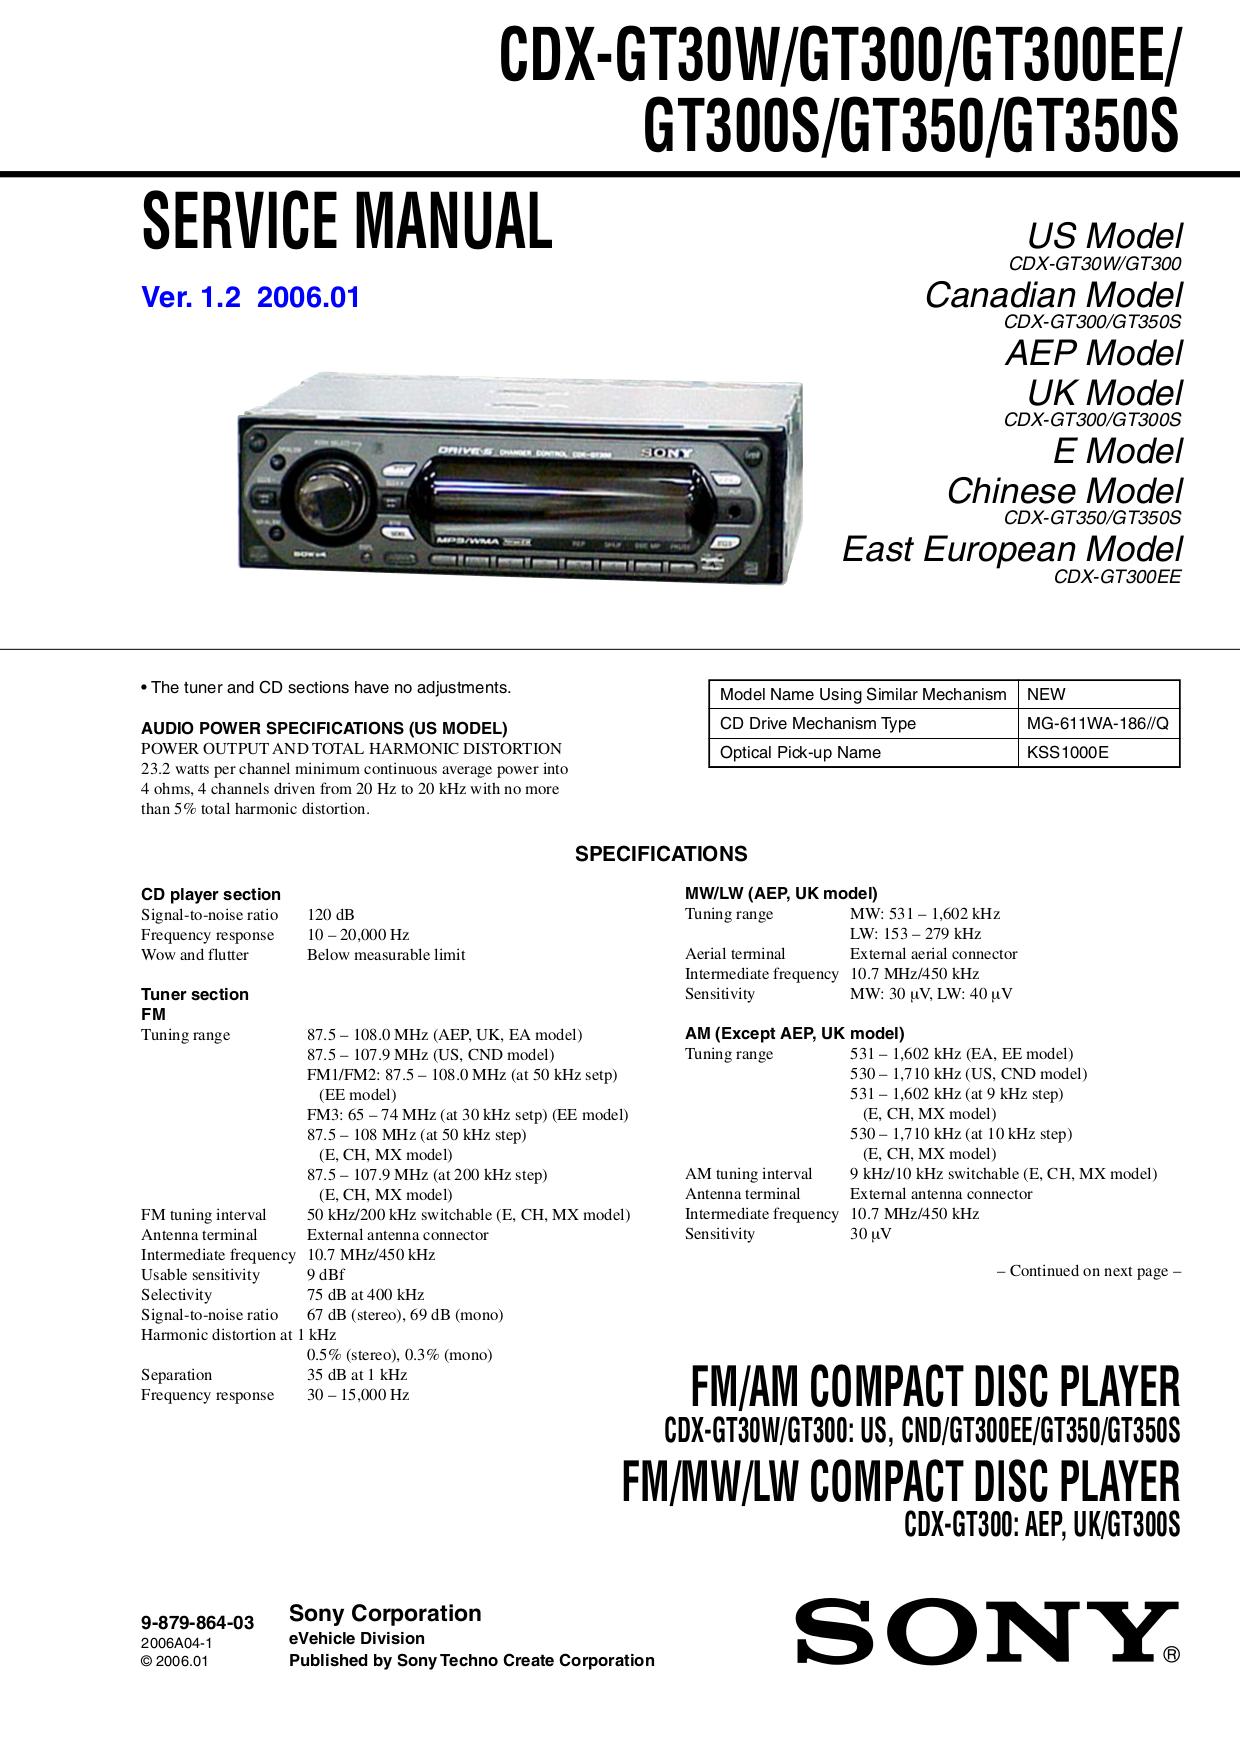 Nd 1584 Sony Xplod Car Stereo Manual Sony Xplod Wire Diagram Sony Xplod Schematic Wiring